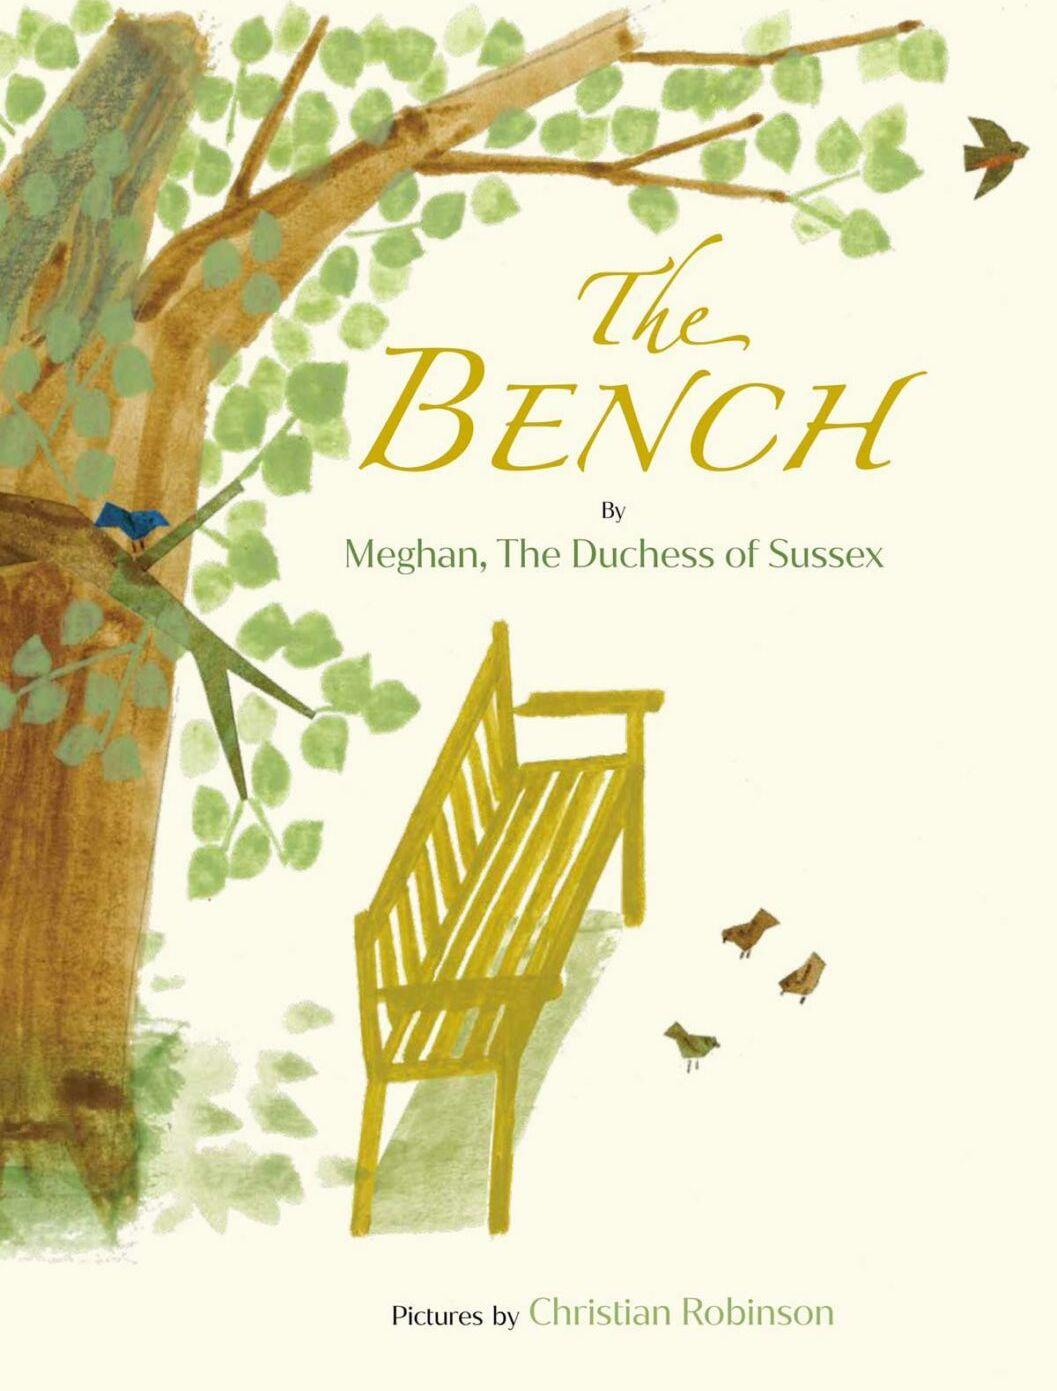 The Bench, premier livre pour enfants signé par Meghan Markle. Sortie prévue le 8 juin 2021